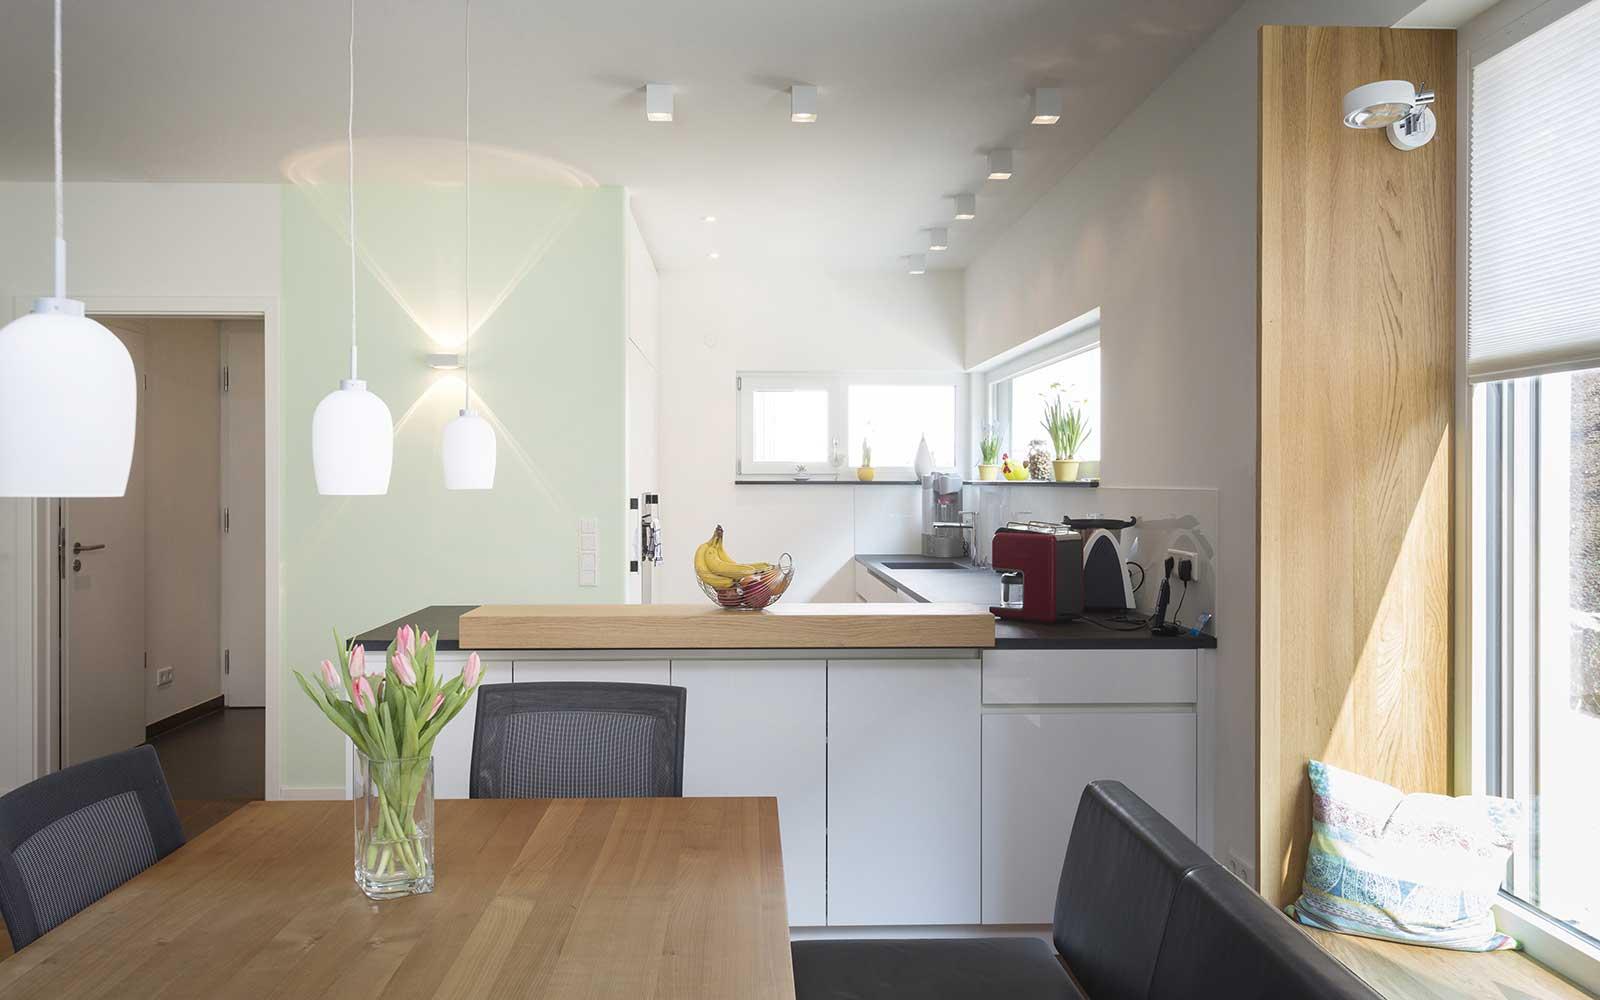 Neubau von Doppelhaushälften in der Weststadt,Heidelberg, Kochhan und Weckbach Architekten